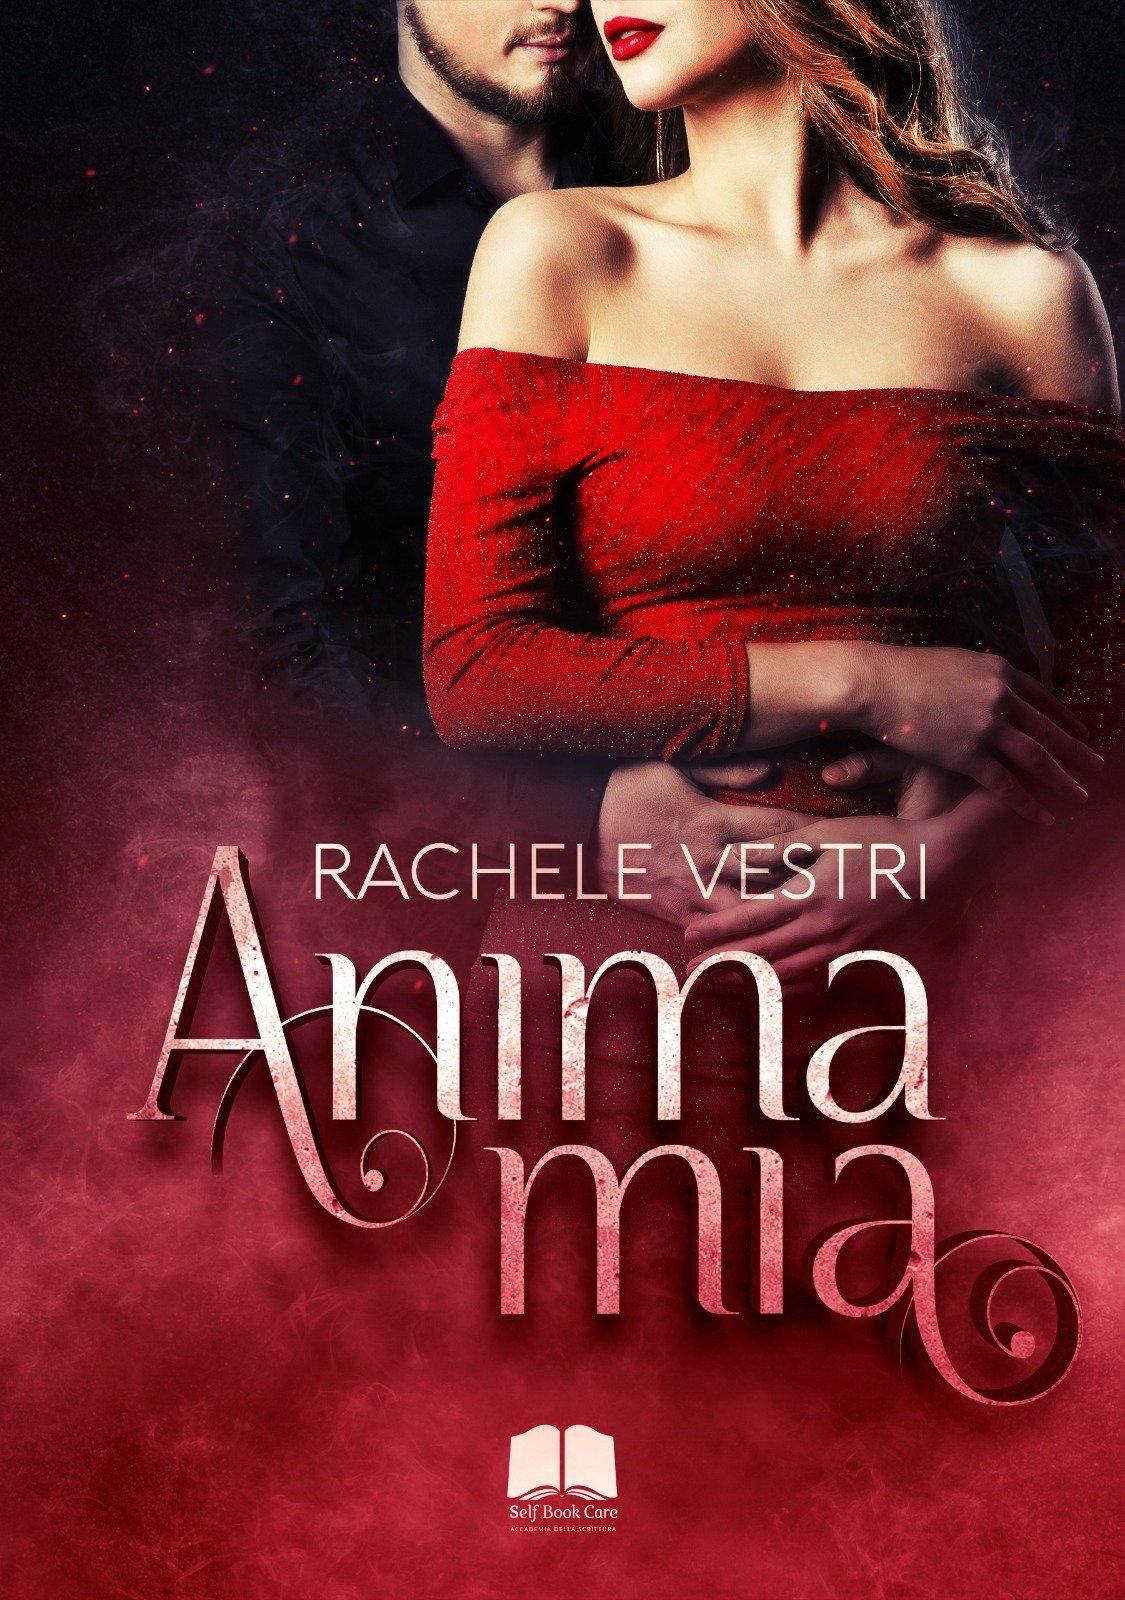 Anima mia, libro d'esordio di Rachele Vestri. Romanzo dallo stile narrativo delicato e crudo, mai sdolcinato.